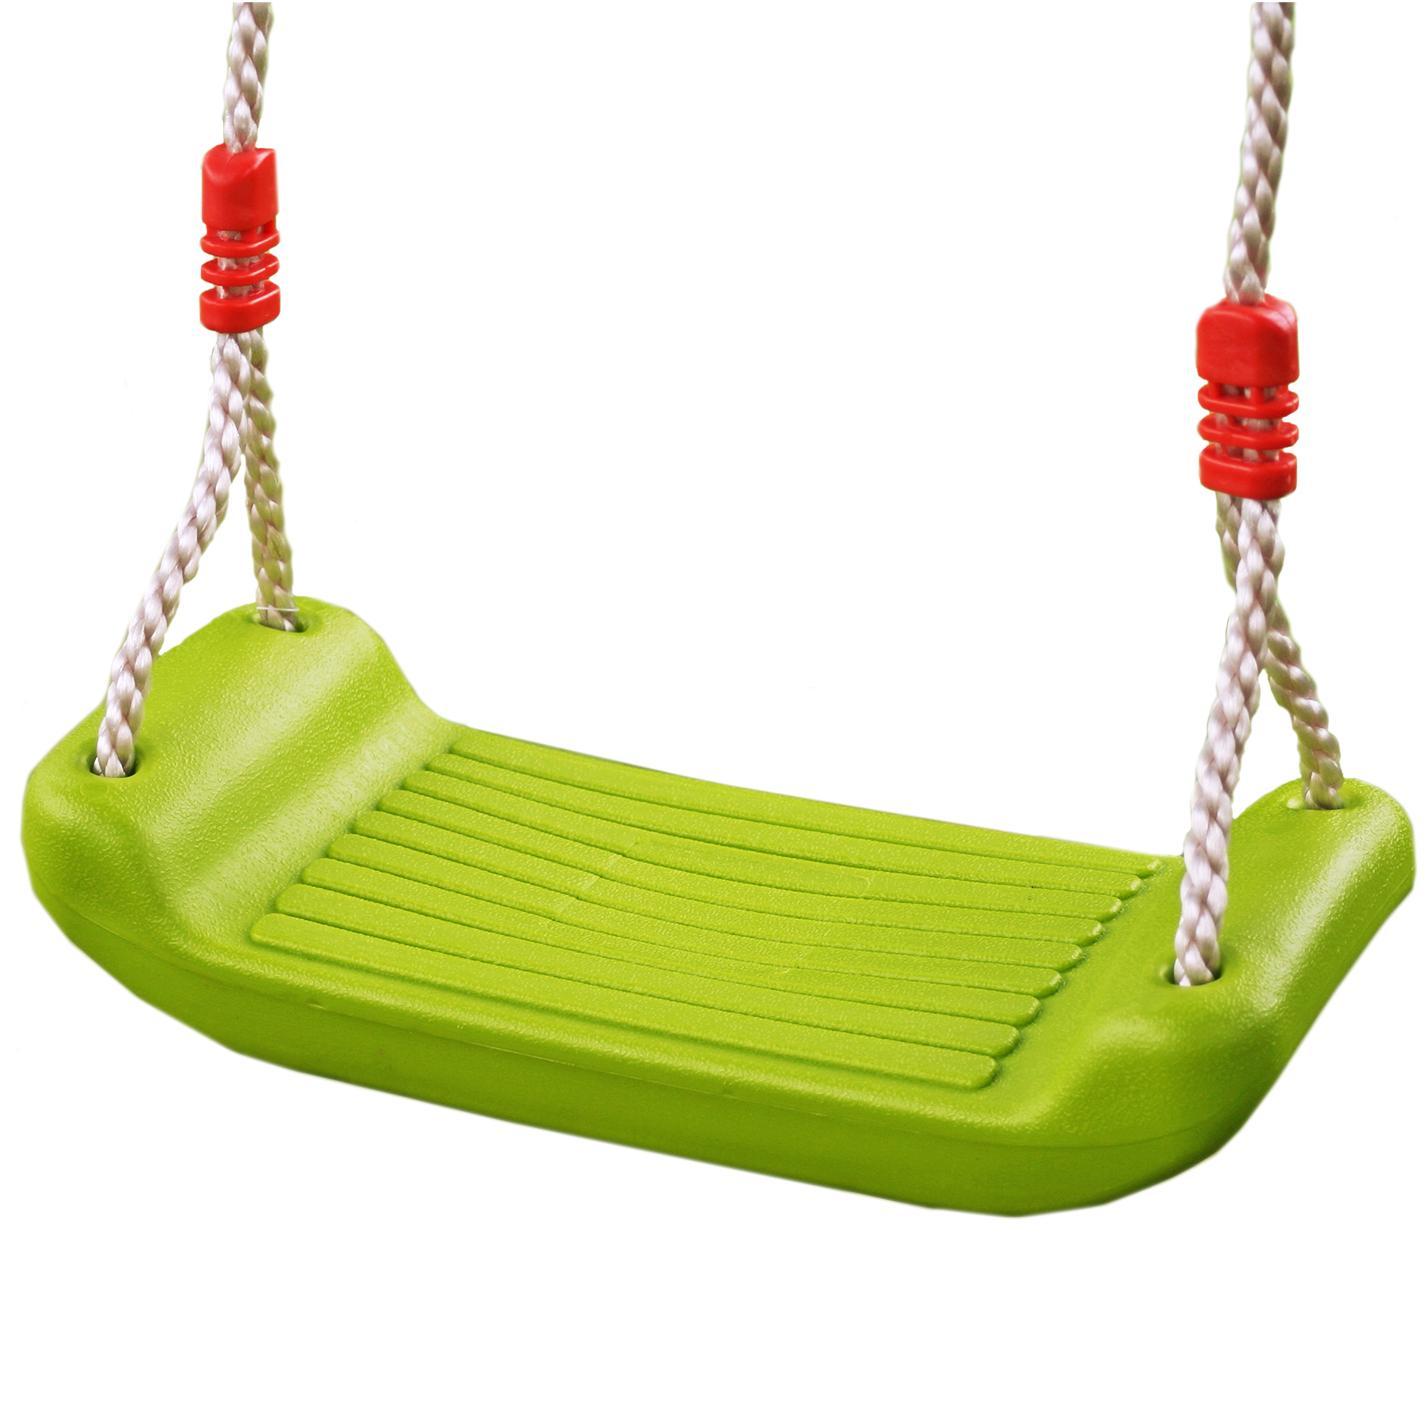 New Childrens Outdoor Plastic Adjustable Garden Swing